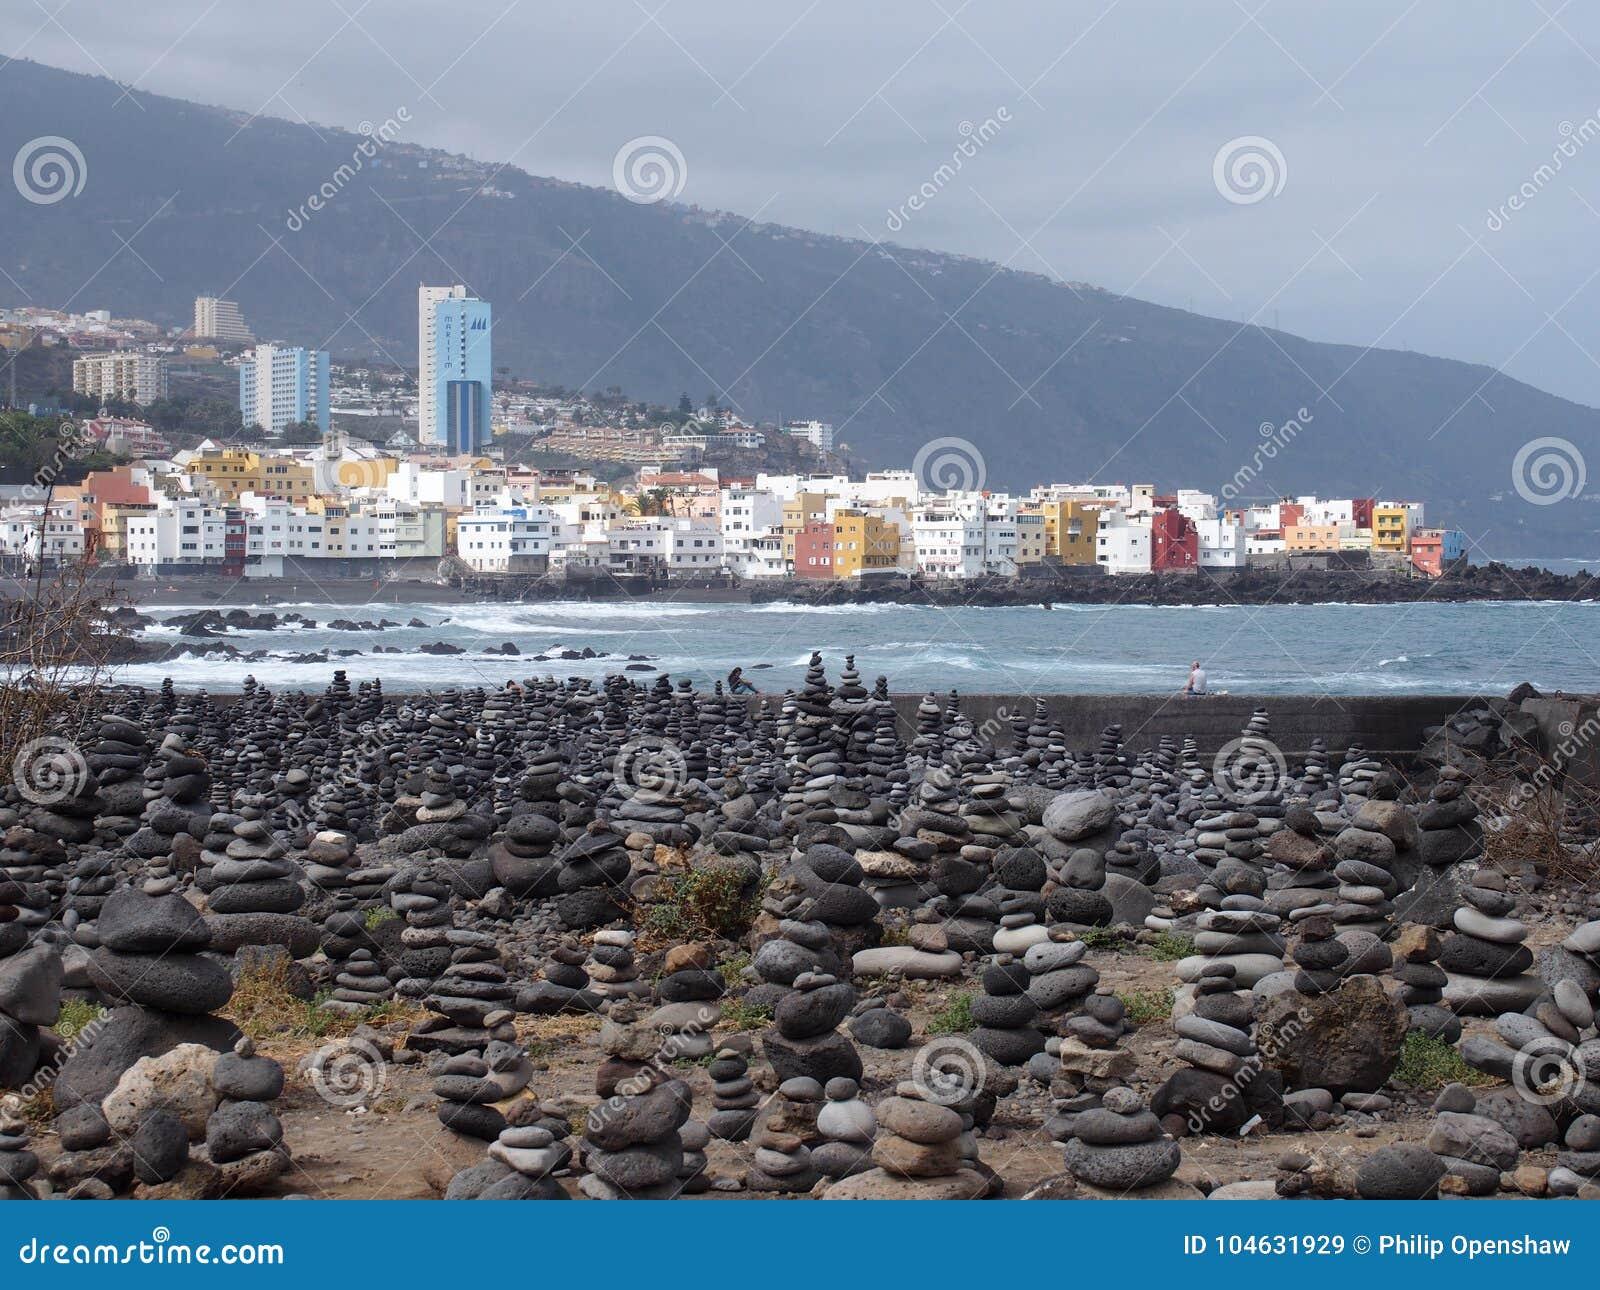 Download Mening Van Puerto DE La Cruz In Tenerife Met Golven Het Breken Redactionele Stock Afbeelding - Afbeelding bestaande uit eiland, seashore: 104631929